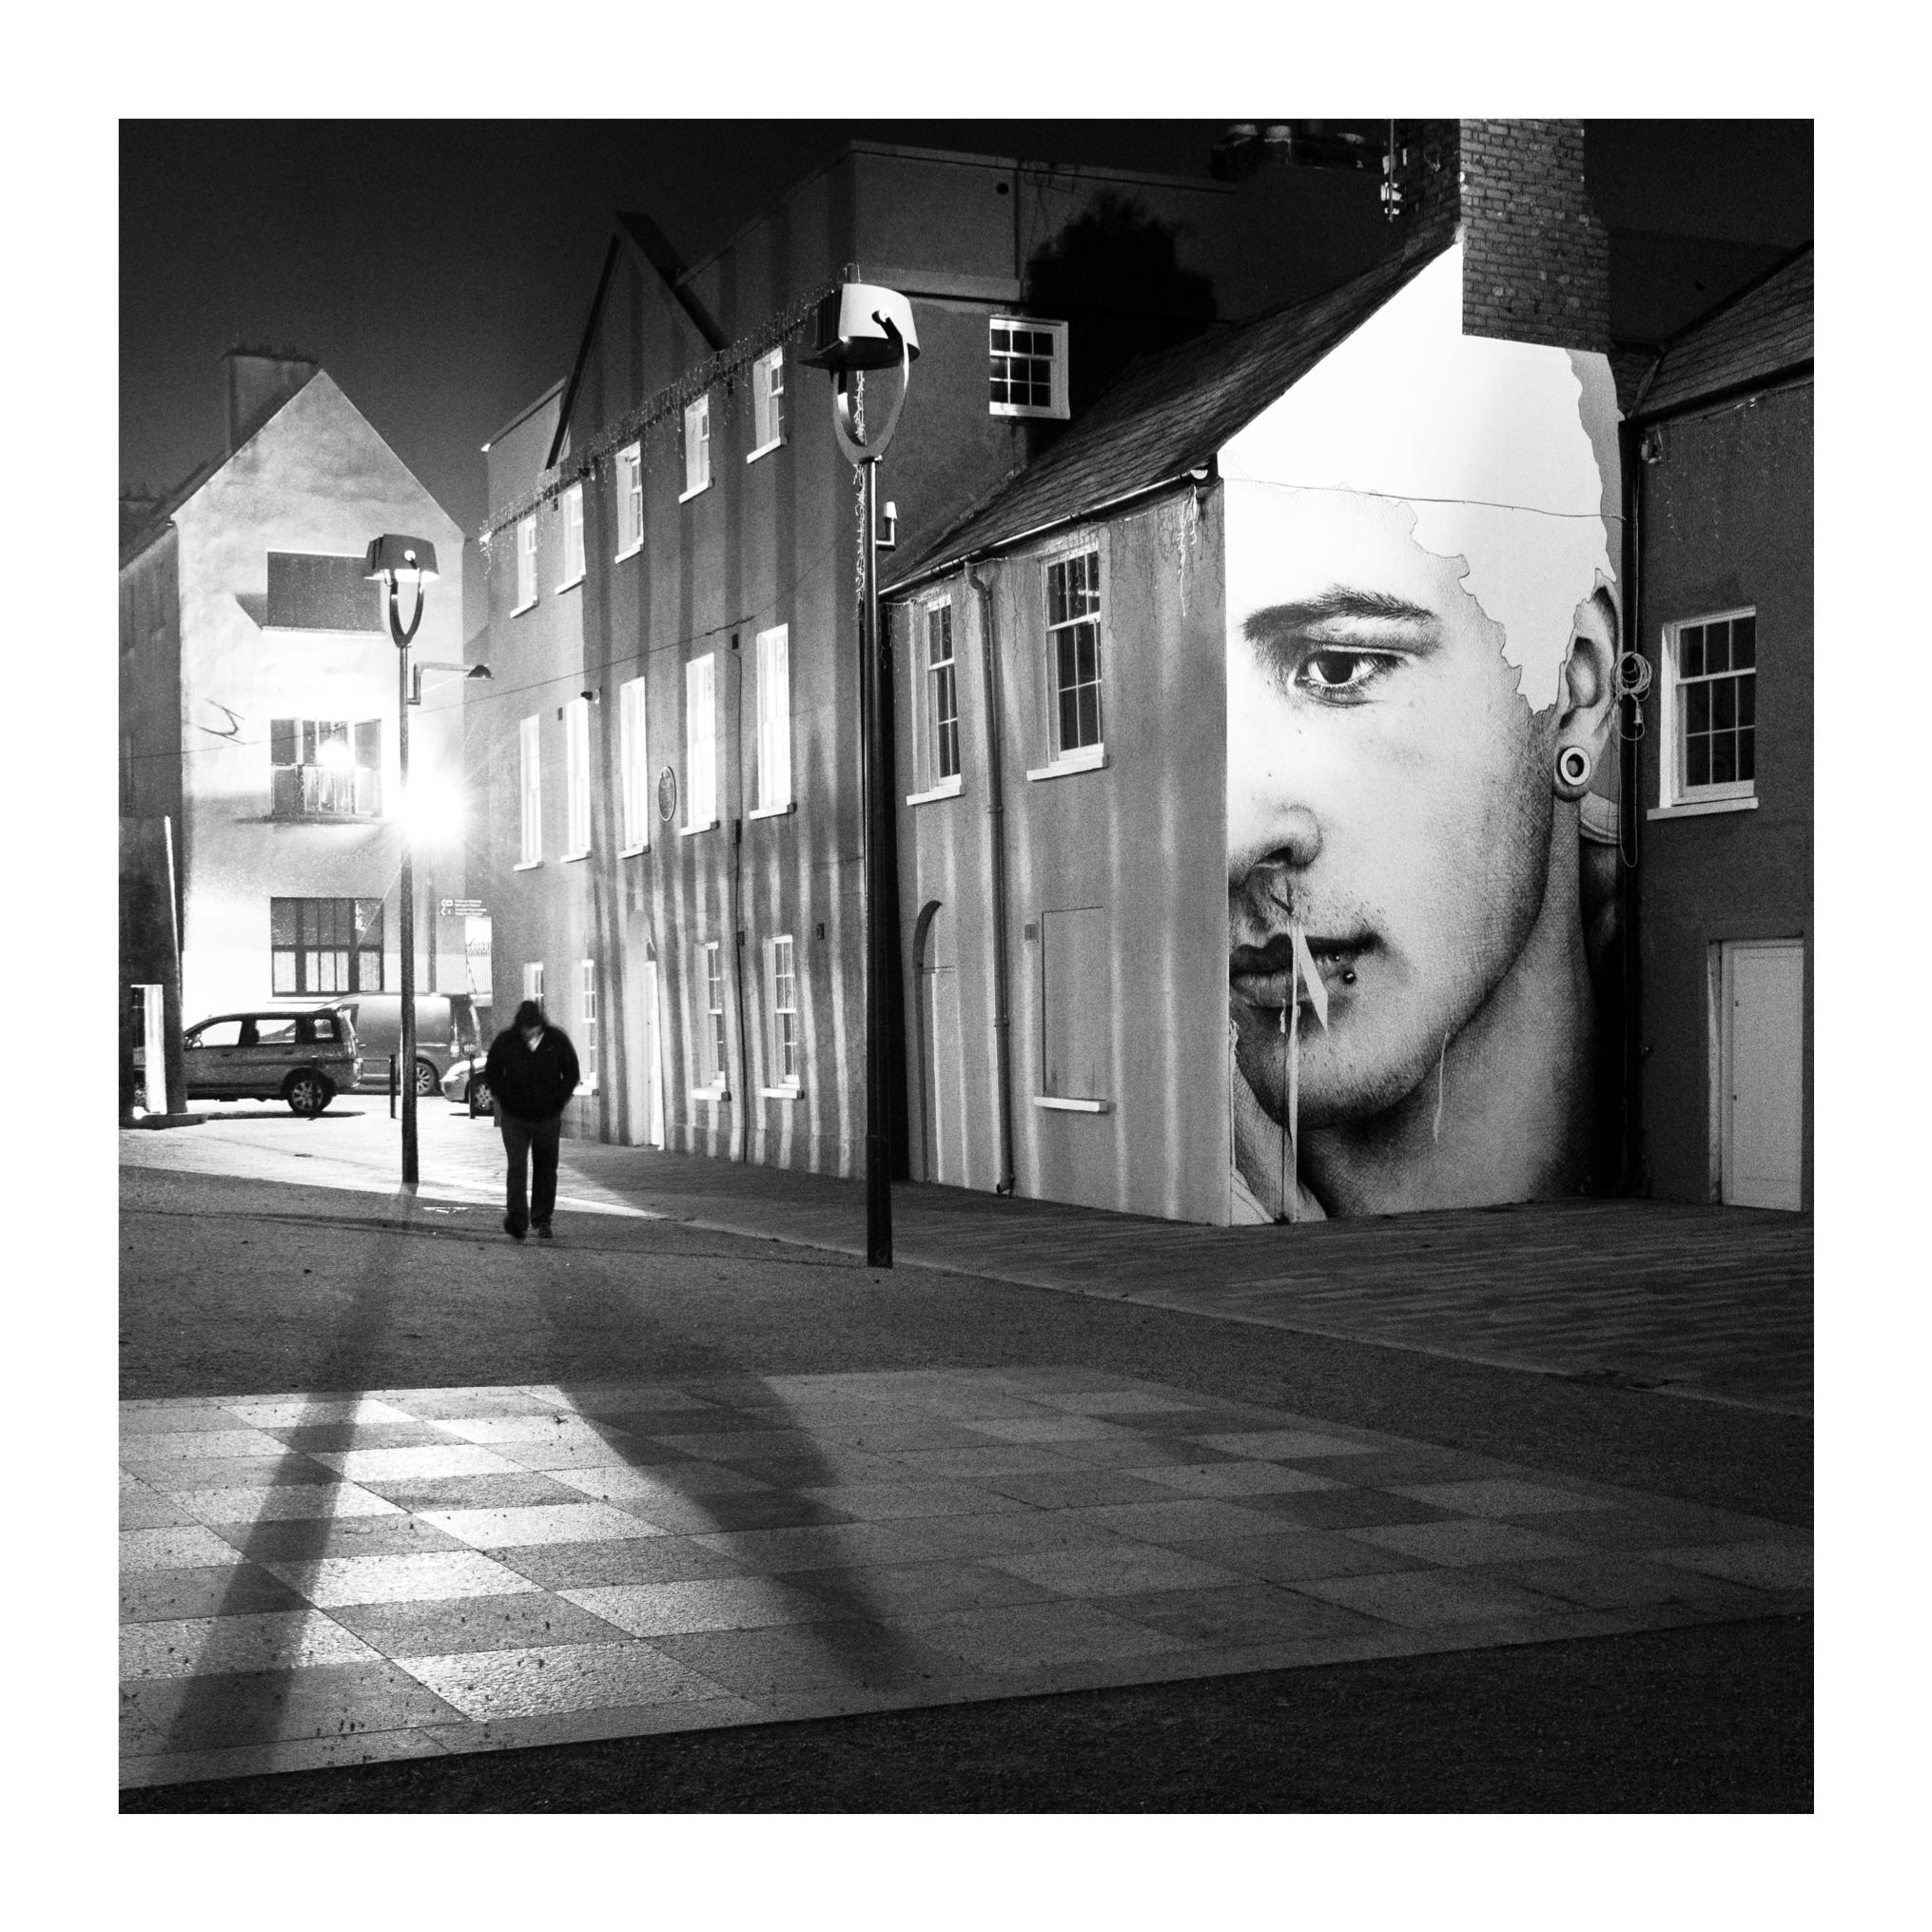 Waterford Walls (Joe Caslin)